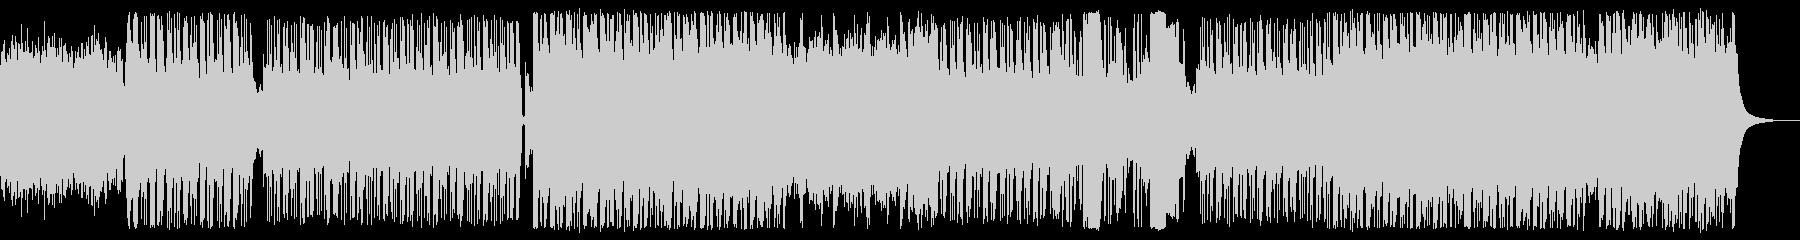 ロックっぽいギター/ベースのリフ曲の未再生の波形